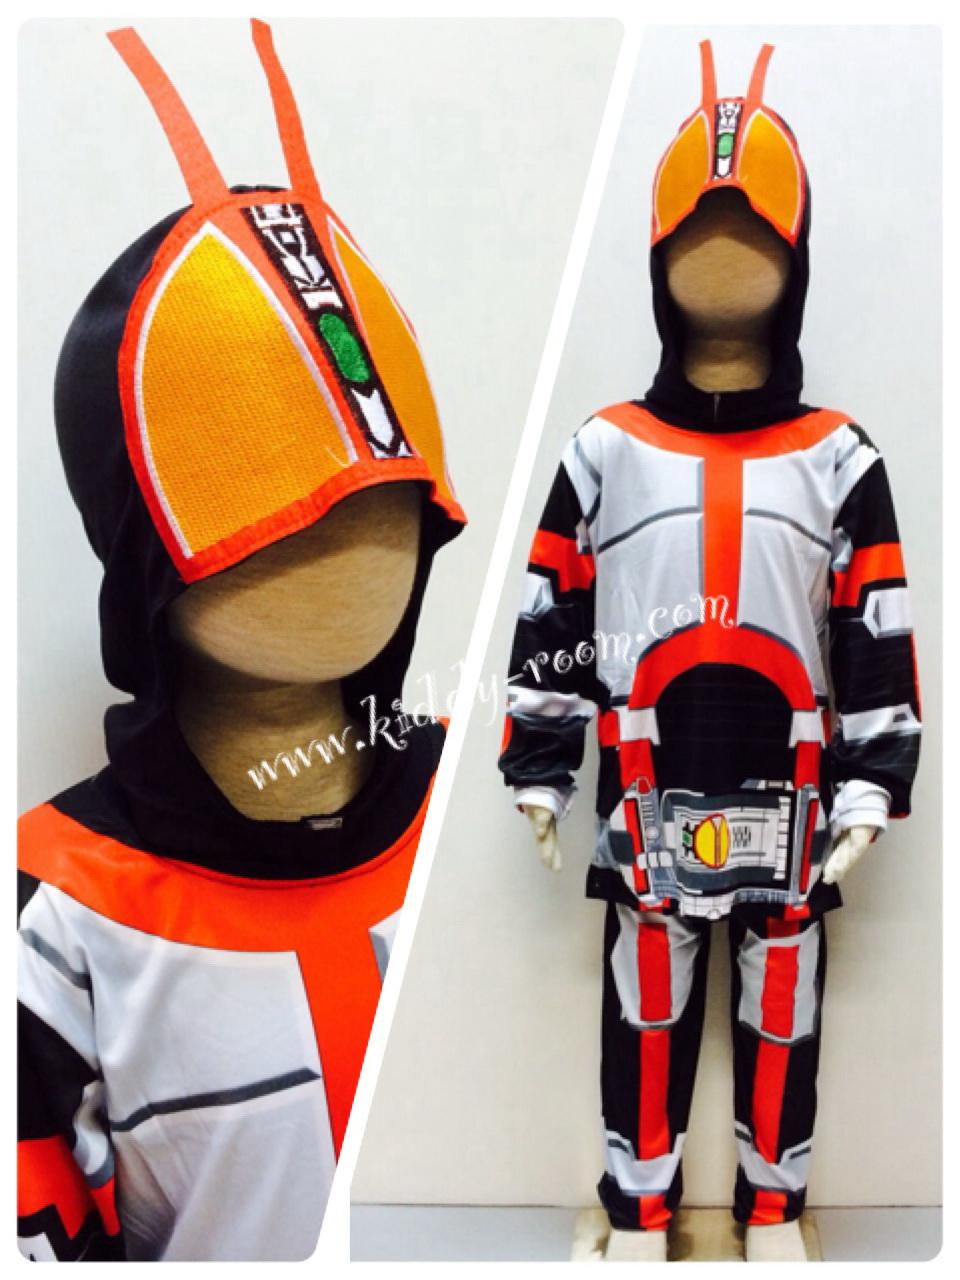 Masked Rider Faiz (งานลิขสิทธิ์) ชุดแฟนซีเด็กไอ้มดแดง มาค์ส ไรเดอร์ ไฟซ์ 3 ชิ้น เสื้อ กางเกง & หน้ากาก ให้คุณหนูๆ ได้ใส่ตามจิตนาการ ผ้ามัน Polyester ใส่สบายค่ะ หรือจะใส่เป็นชุดนอนก็ได้ค่ะ size S, M, L, XL